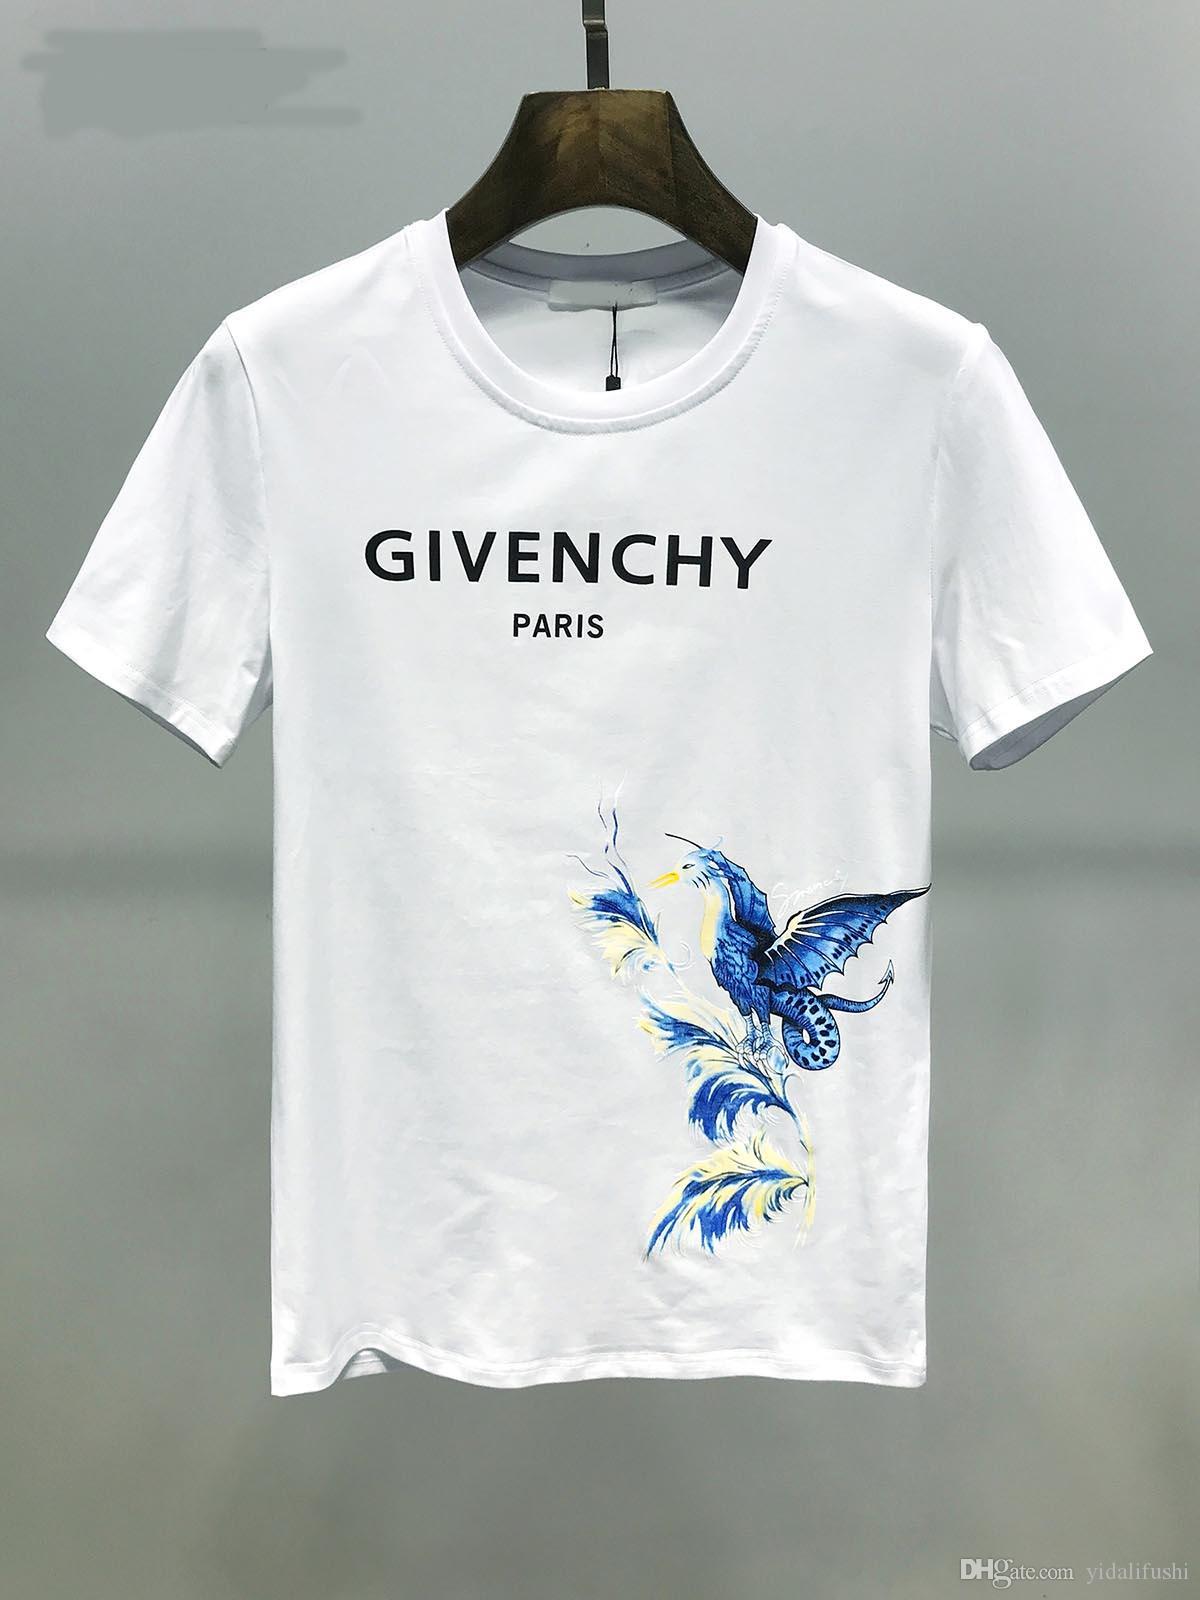 gru T-shirt estate uomo di lusso 2020 bimbo e neonato hip hop uomini di modo e delle donne a maniche corte maglietta di formato S-3XL